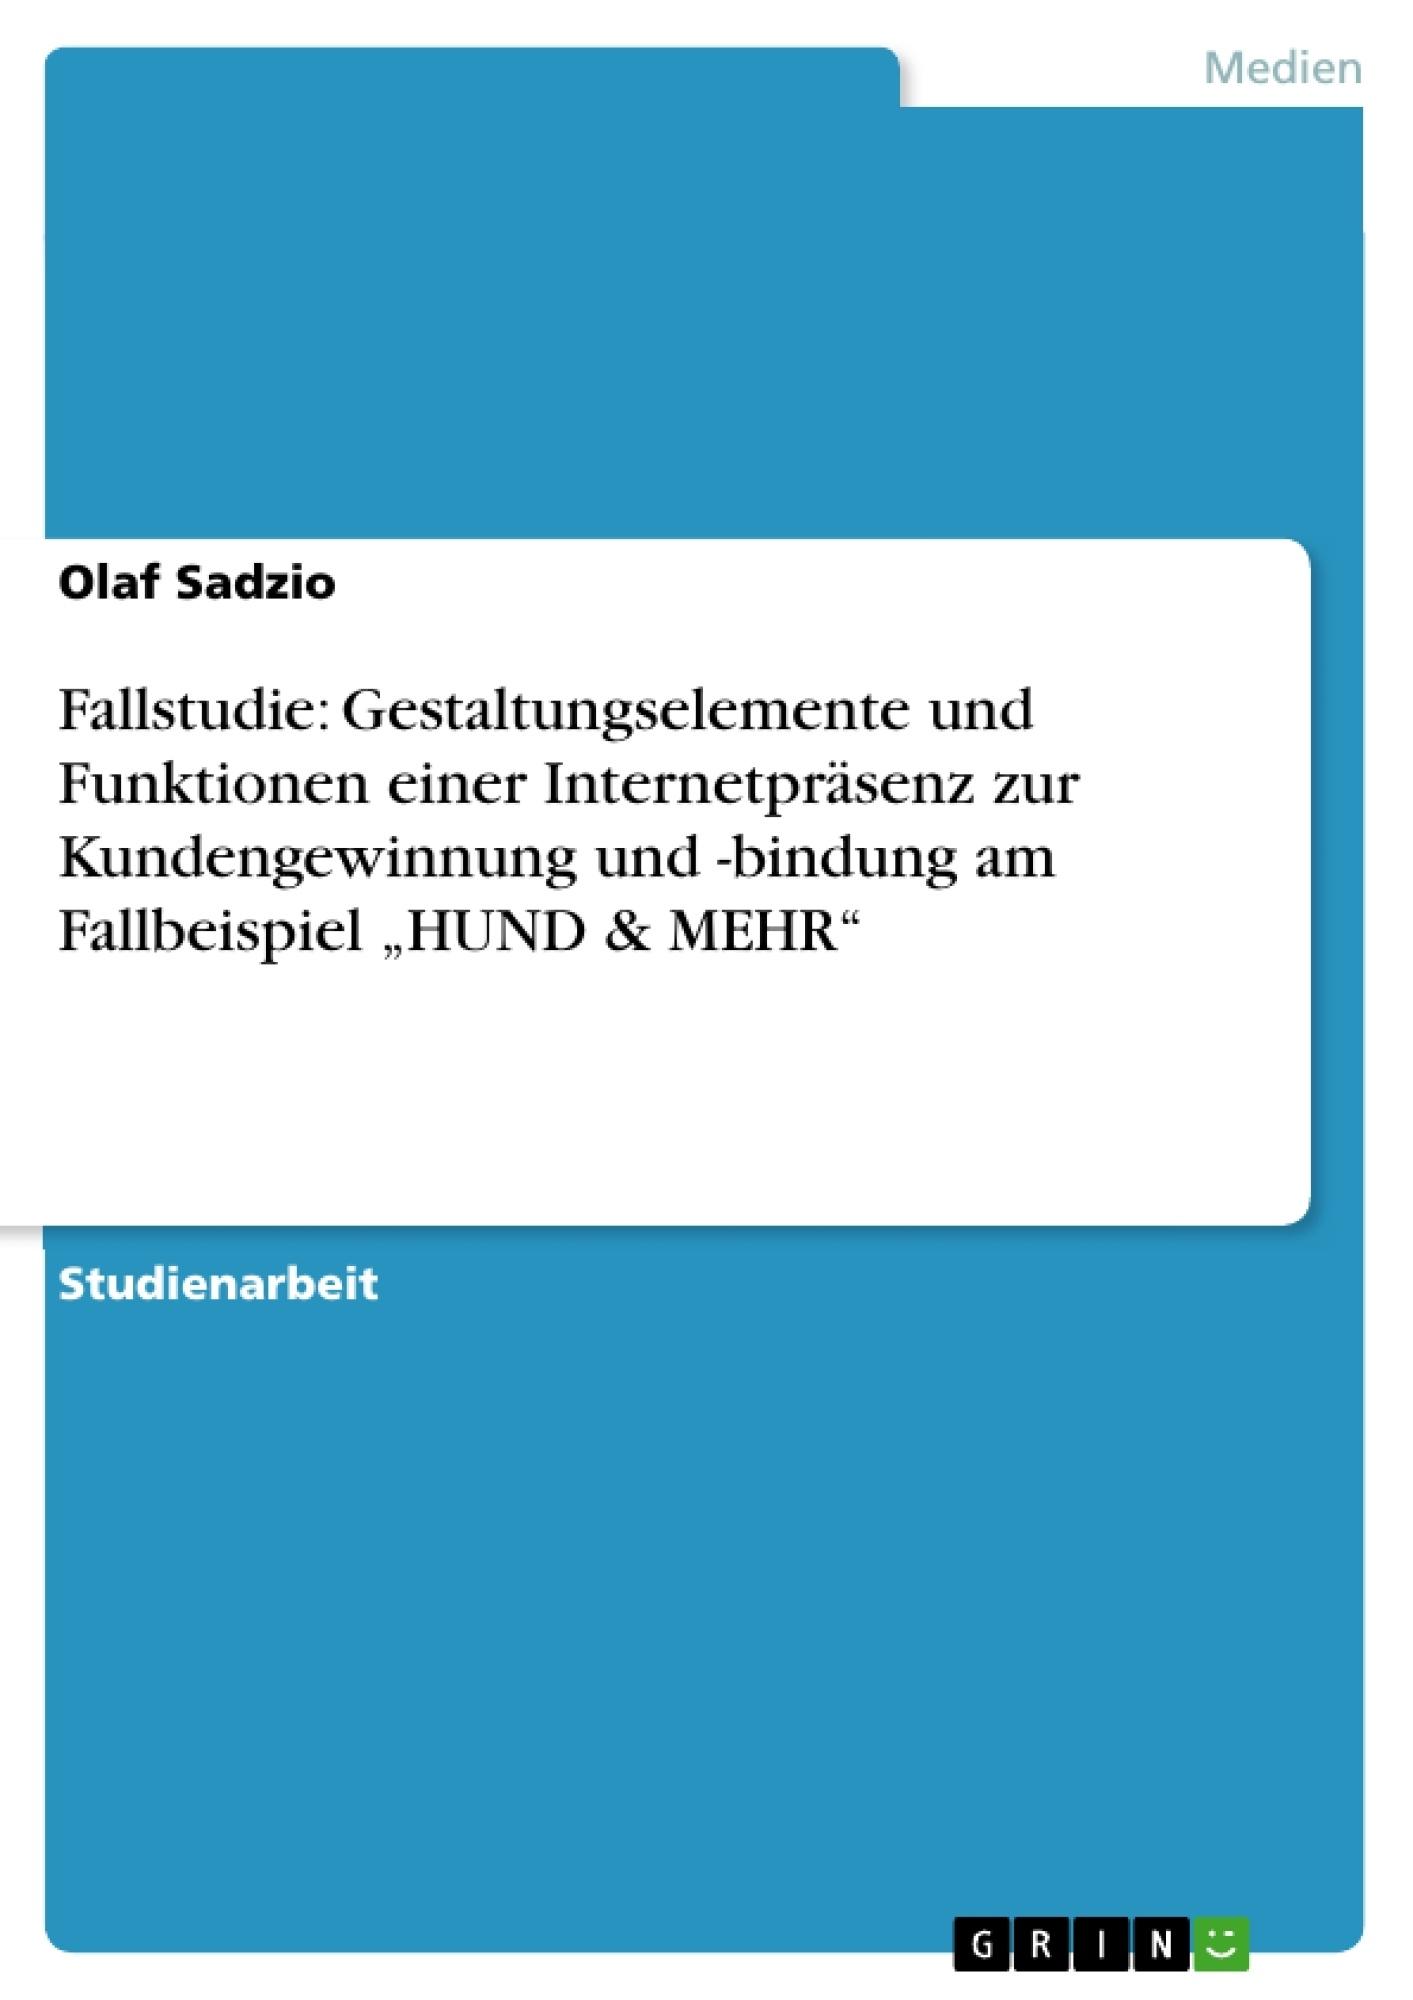 """Titel: Fallstudie: Gestaltungselemente und Funktionen einer Internetpräsenz zur Kundengewinnung und -bindung am Fallbeispiel """"HUND & MEHR"""""""